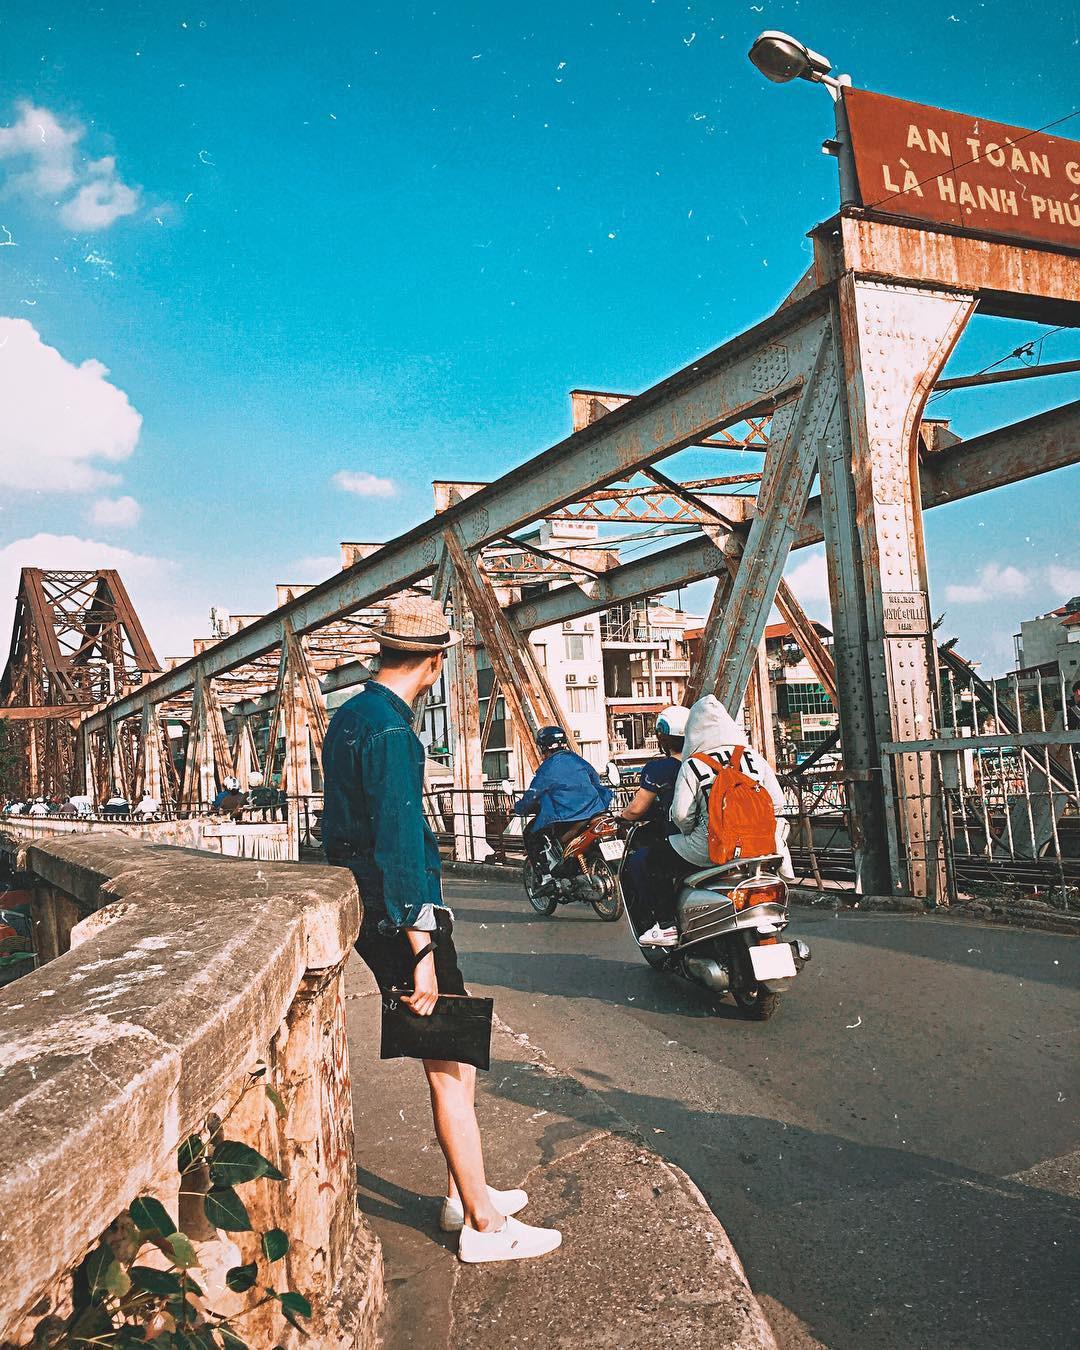 """""""Act cool đứng hình mất 5s"""" trước 8 cây cầu sống ảo đẹp nhất Việt Nam, bạn đã check-in hết chưa? - Ảnh 20."""